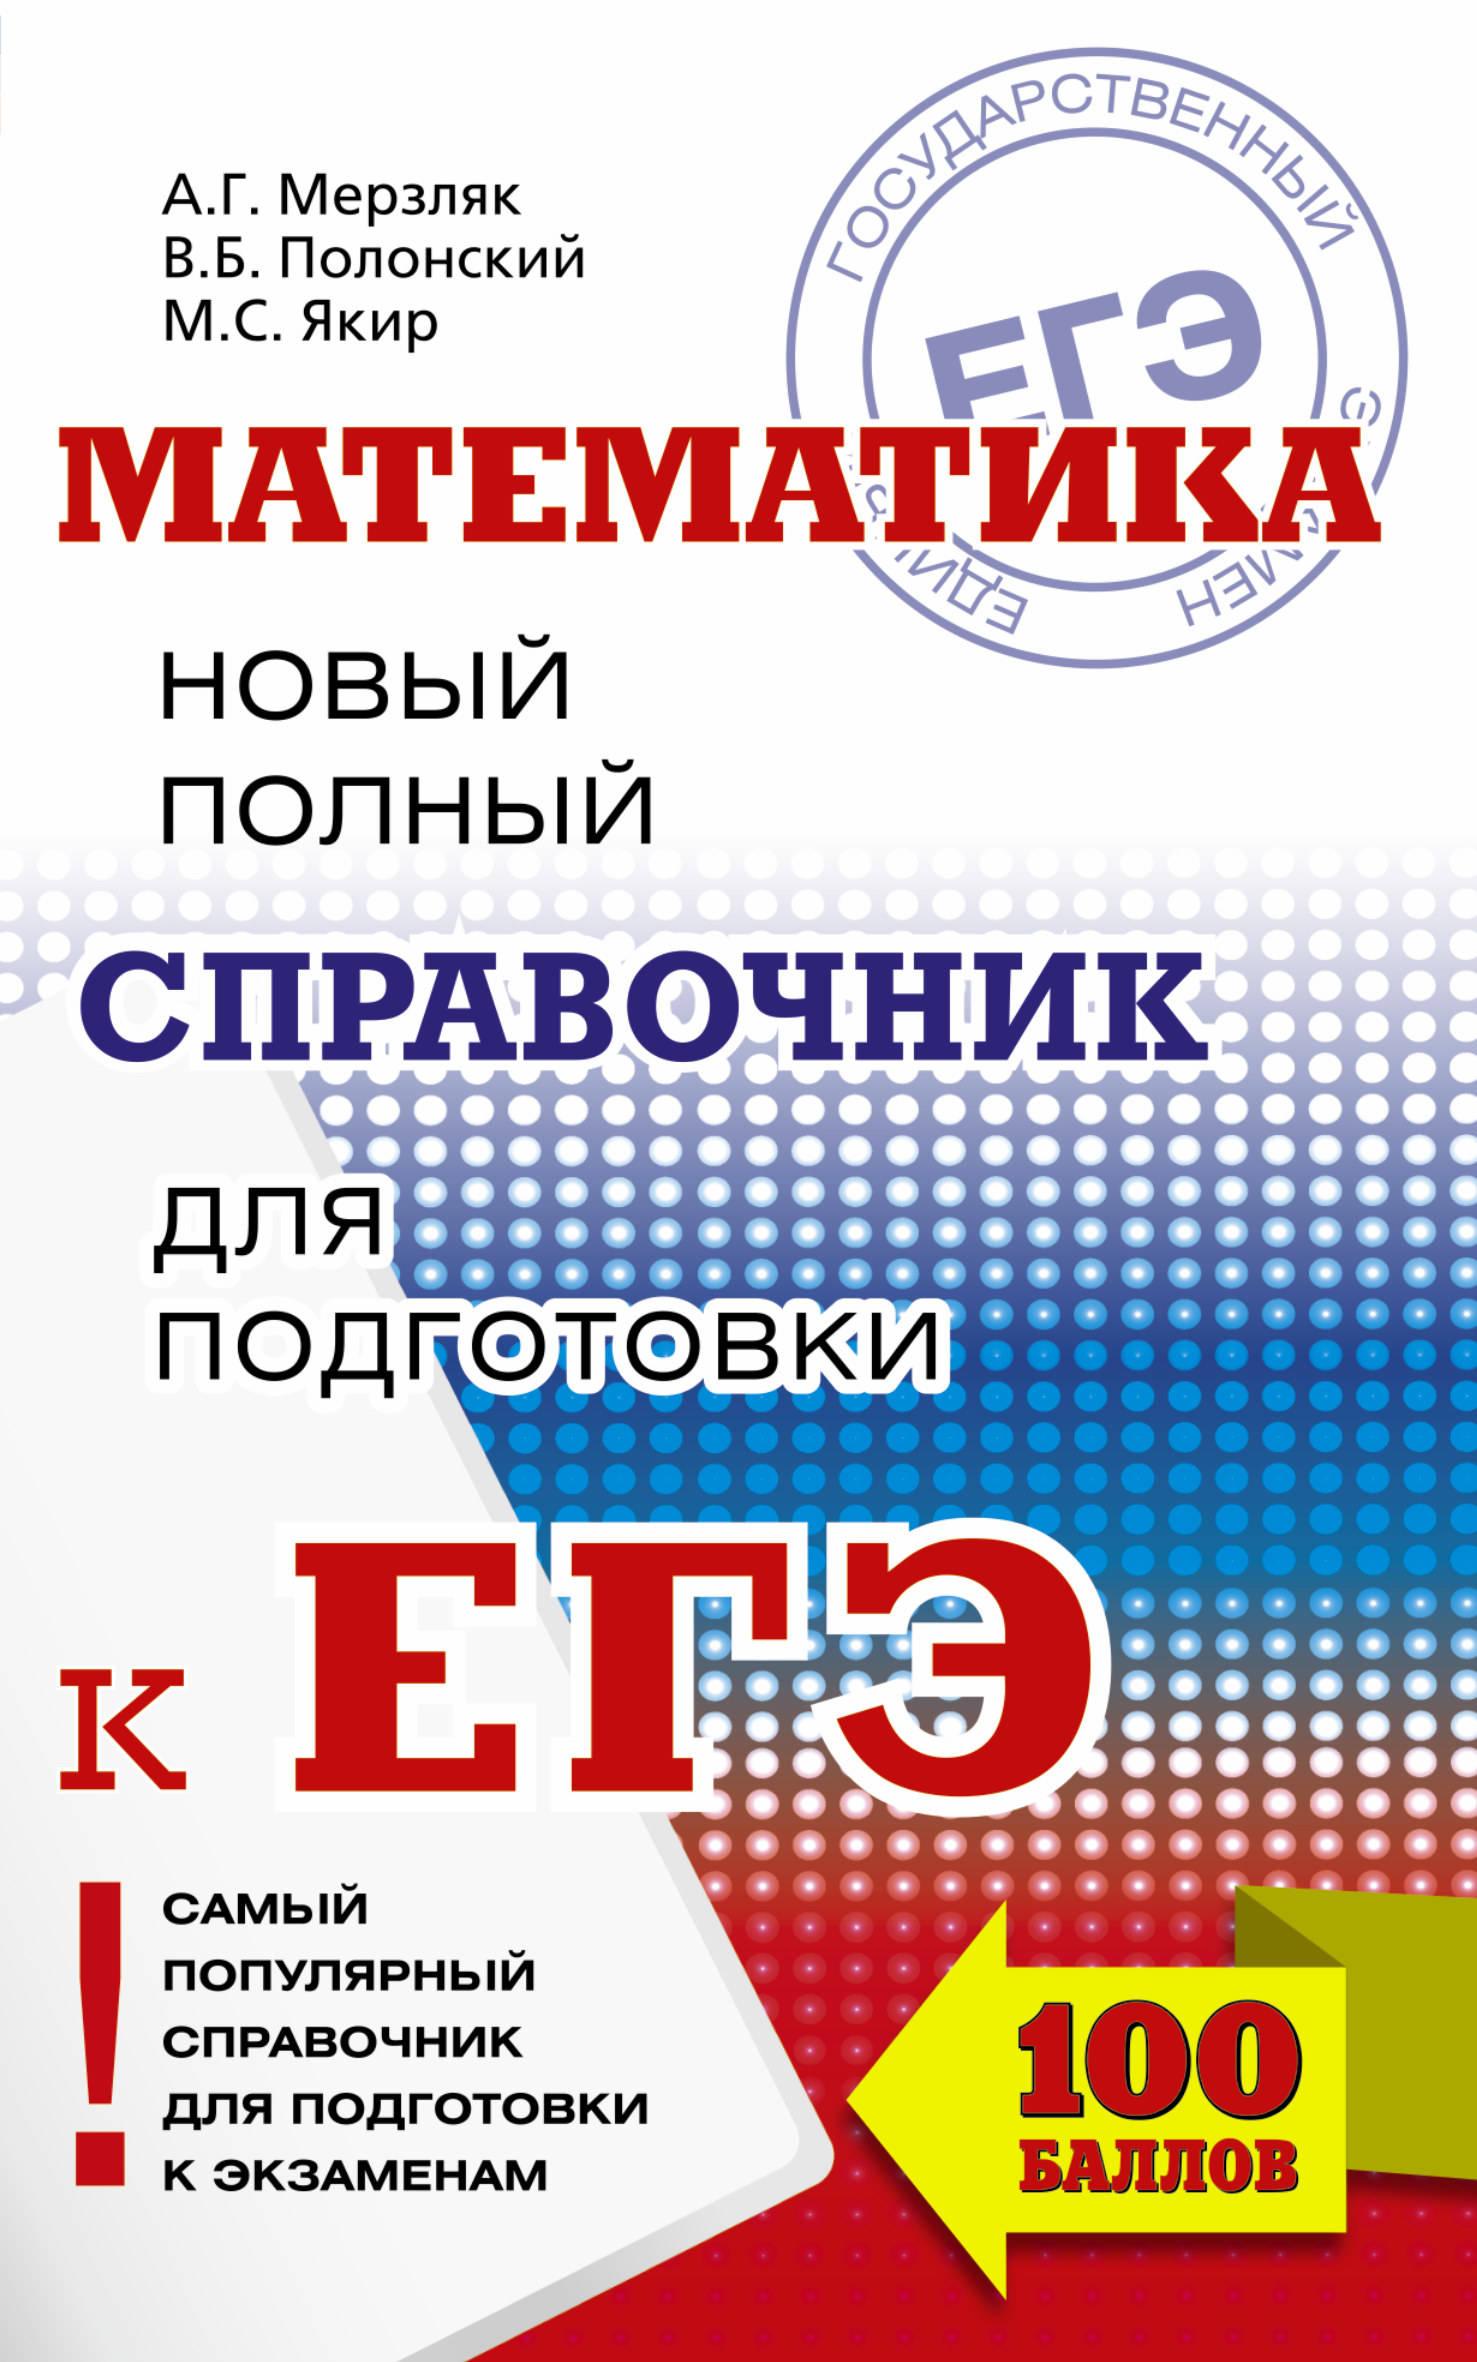 ЕГЭ. Математика. Новый полный справочник для подготовки к ЕГЭ ( Мерзляк А.Г., Полонский В.Б., Якир М.С.  )